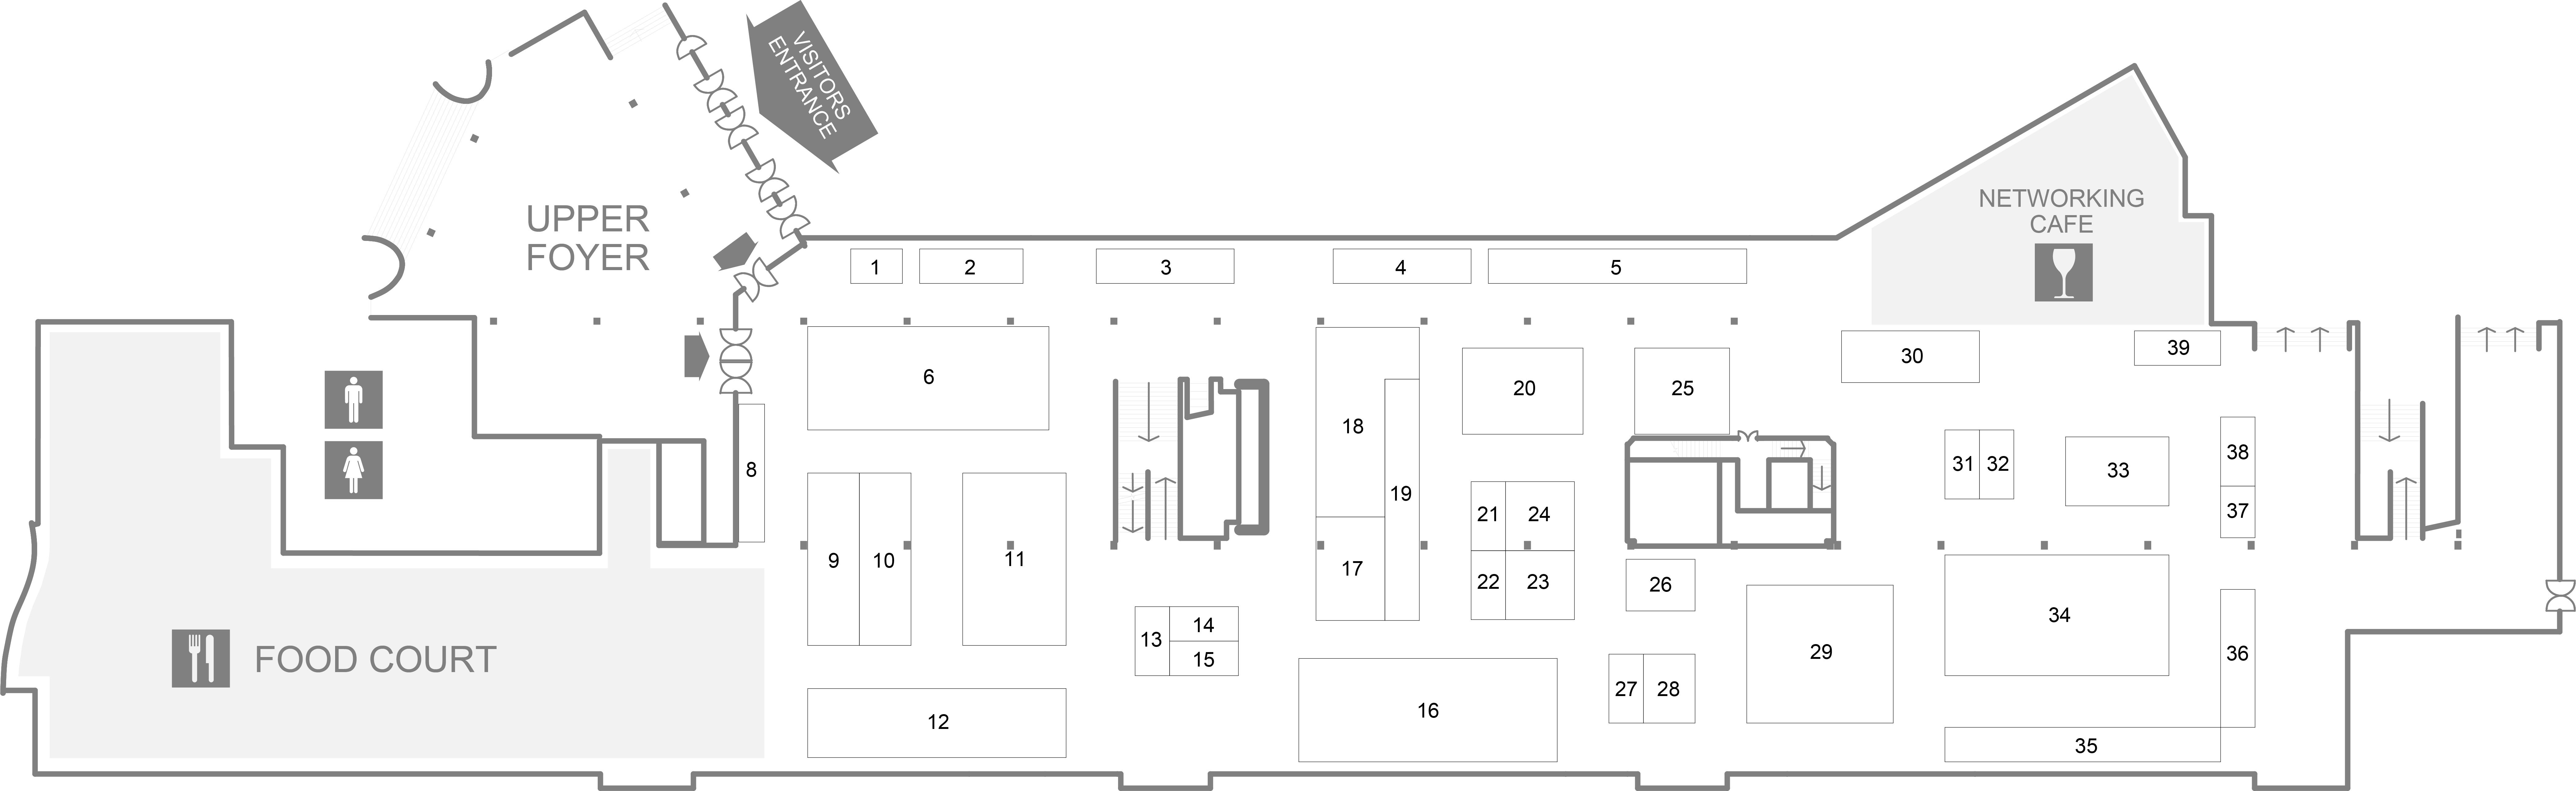 Trophex 2019 - Floor Plan.jpg